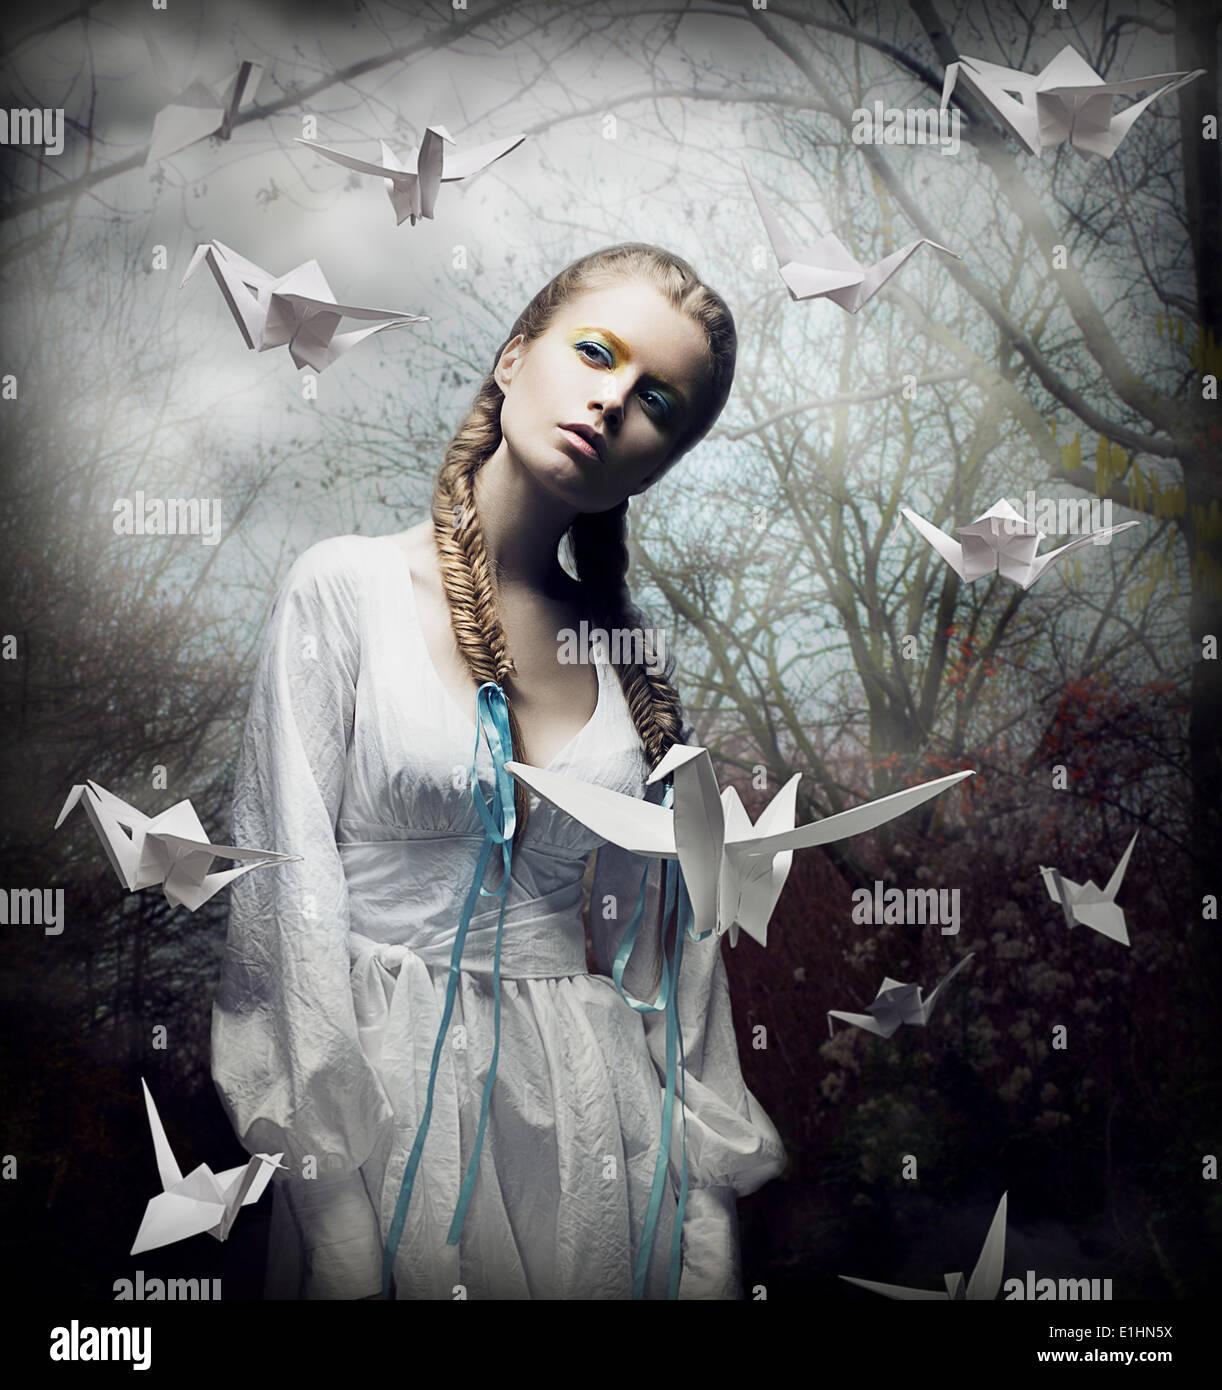 La fantasia. Romantico bionda con bilico Origami uccelli nella foresta Spooky. Magic Immagini Stock